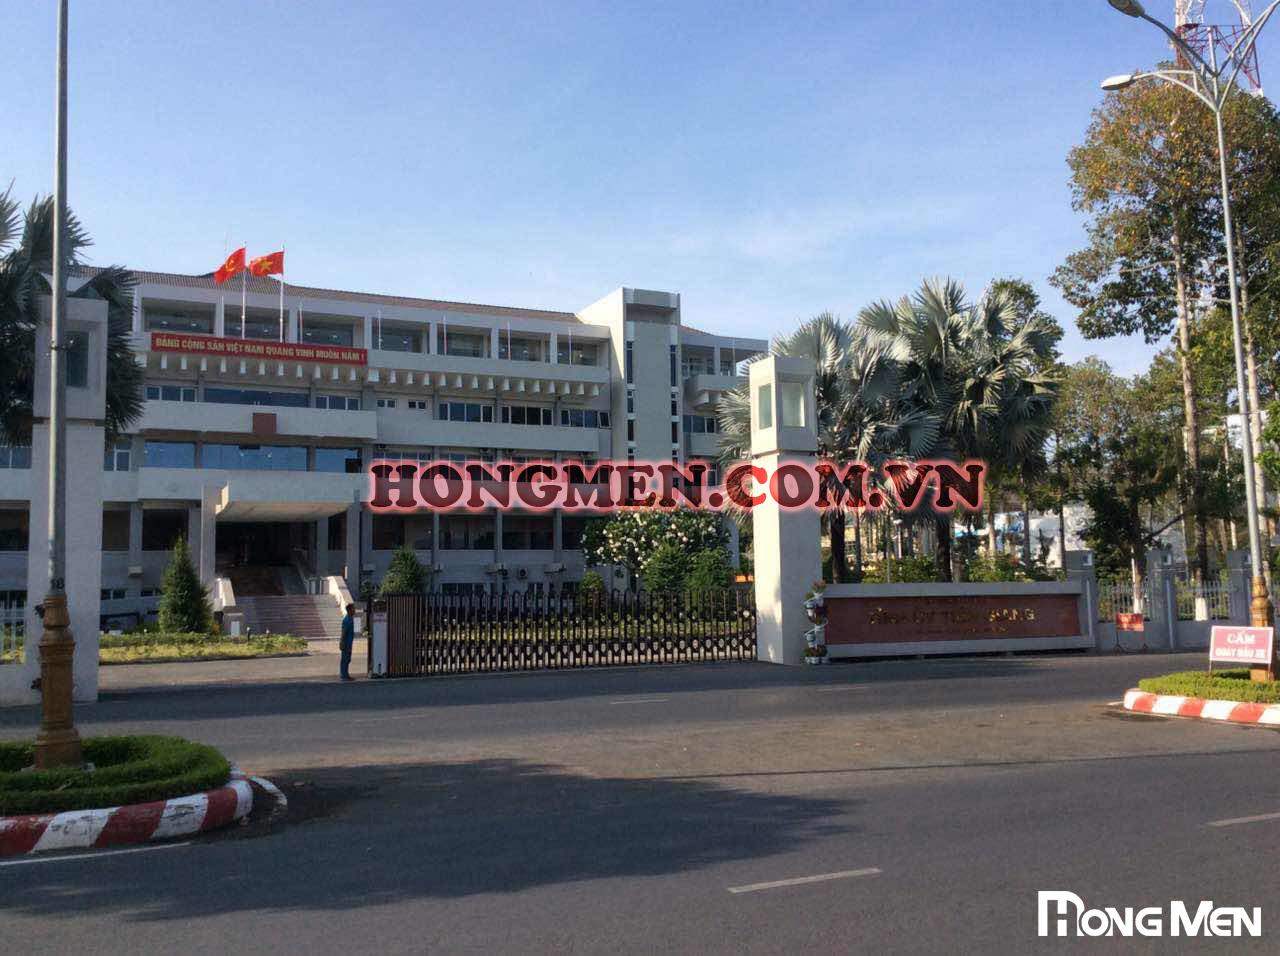 Lắp Đặt Cổng Xếp Hợp Kim Nhôm Tại Tỉnh Ủy Tiền Giang